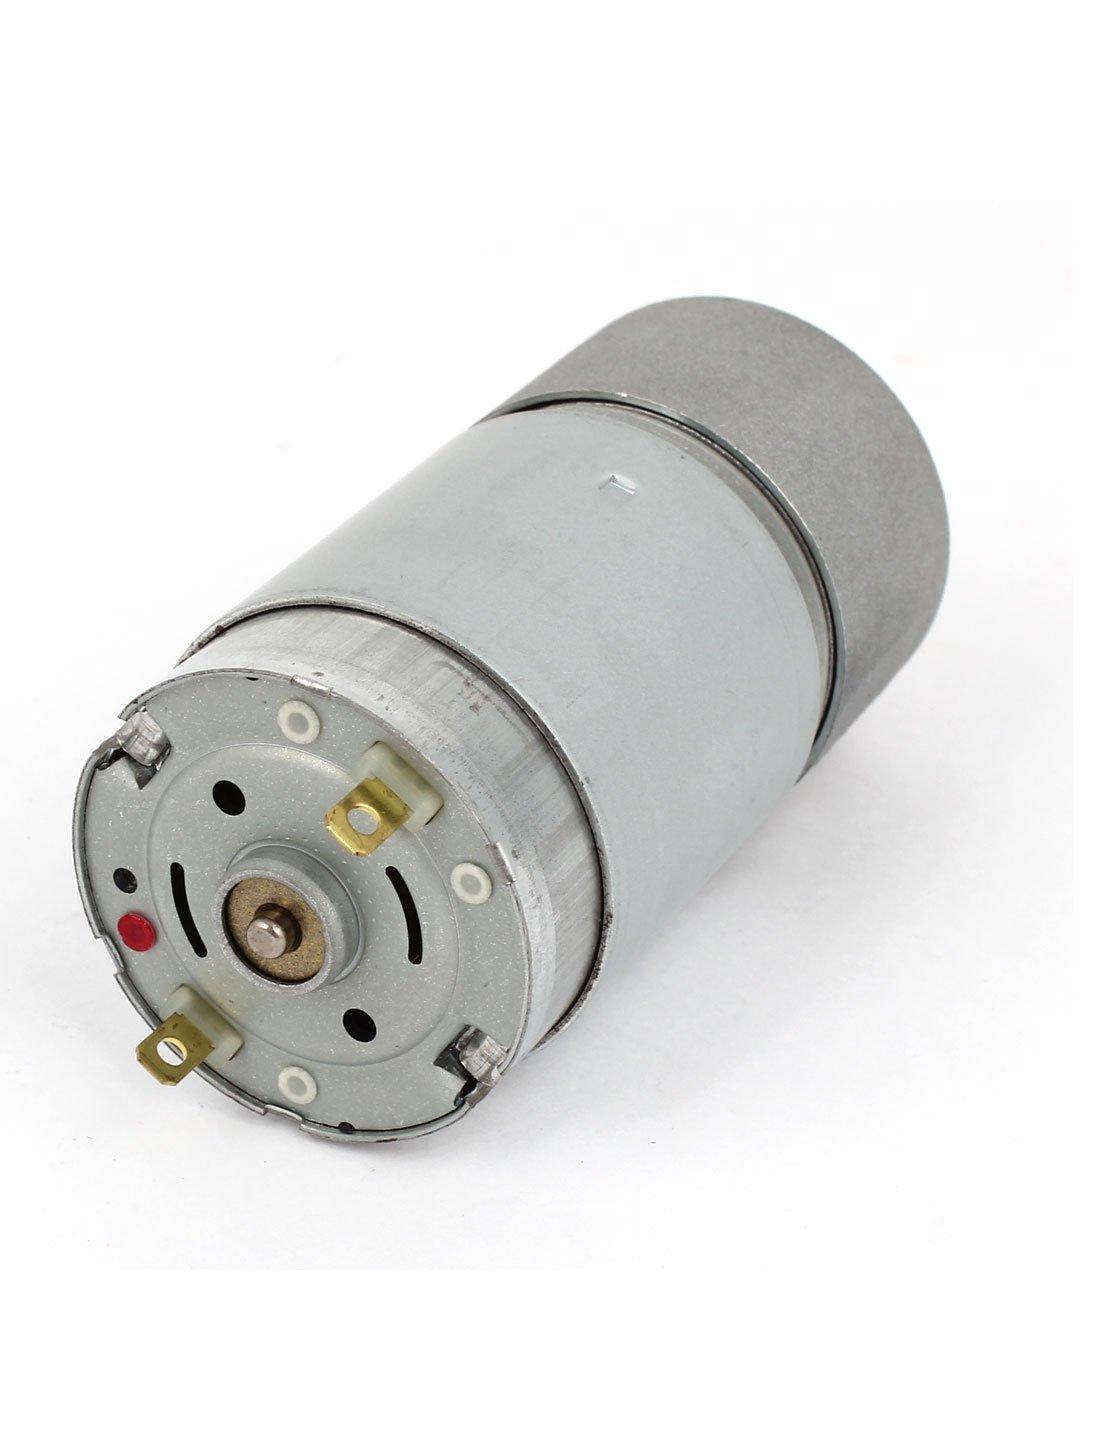 eDealMax 24V DC 300RPM Permanente magnética Motorreductor 37ES la pieza de reparación - - Amazon.com